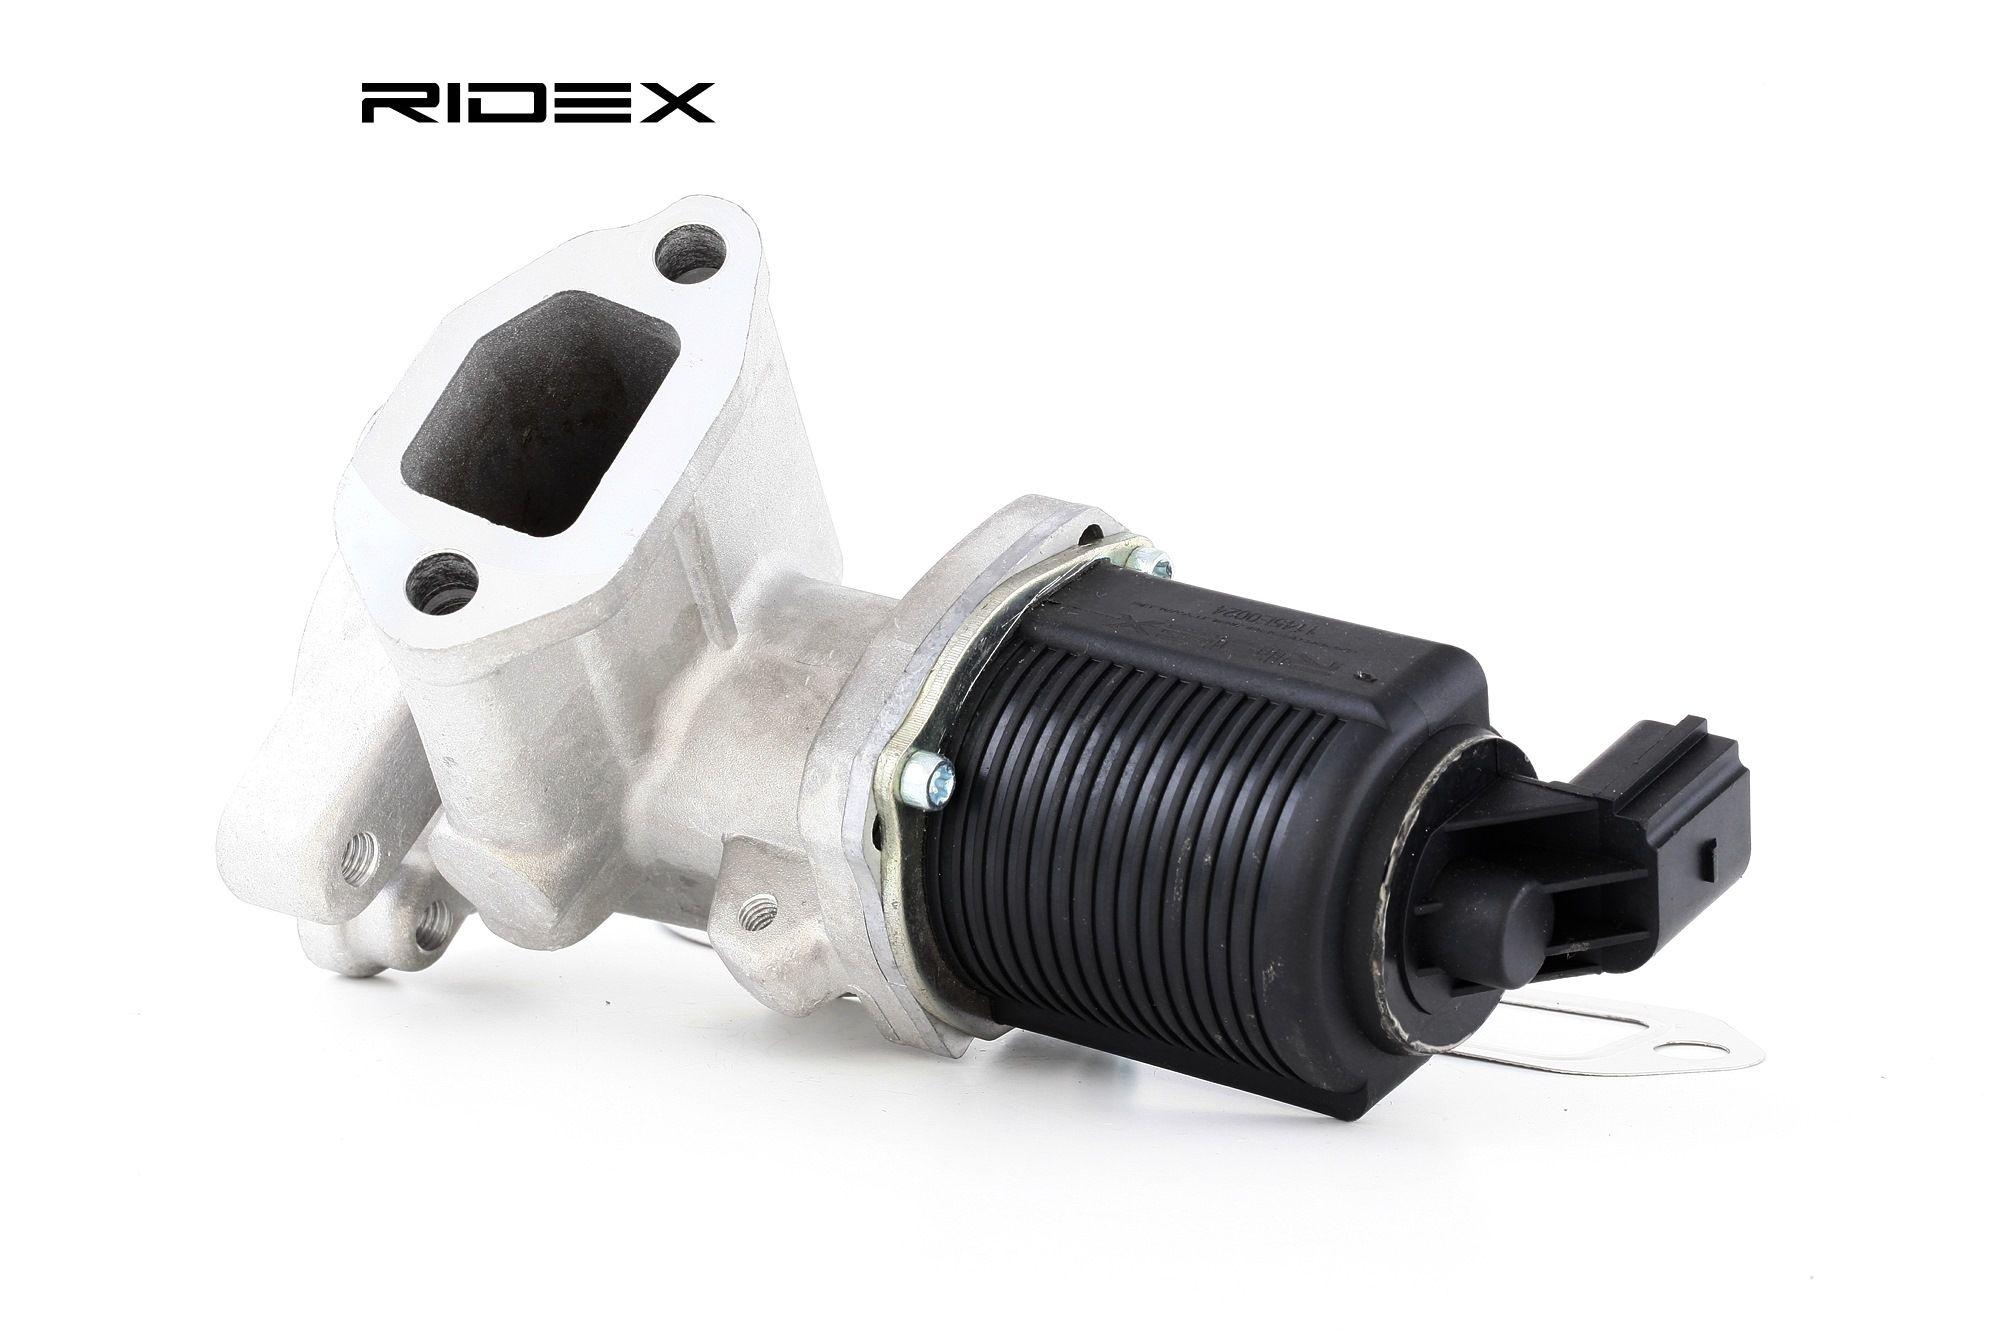 RIDEX: Original Abgasrückführung 1145E0024 (Pol-Anzahl: 2-polig)